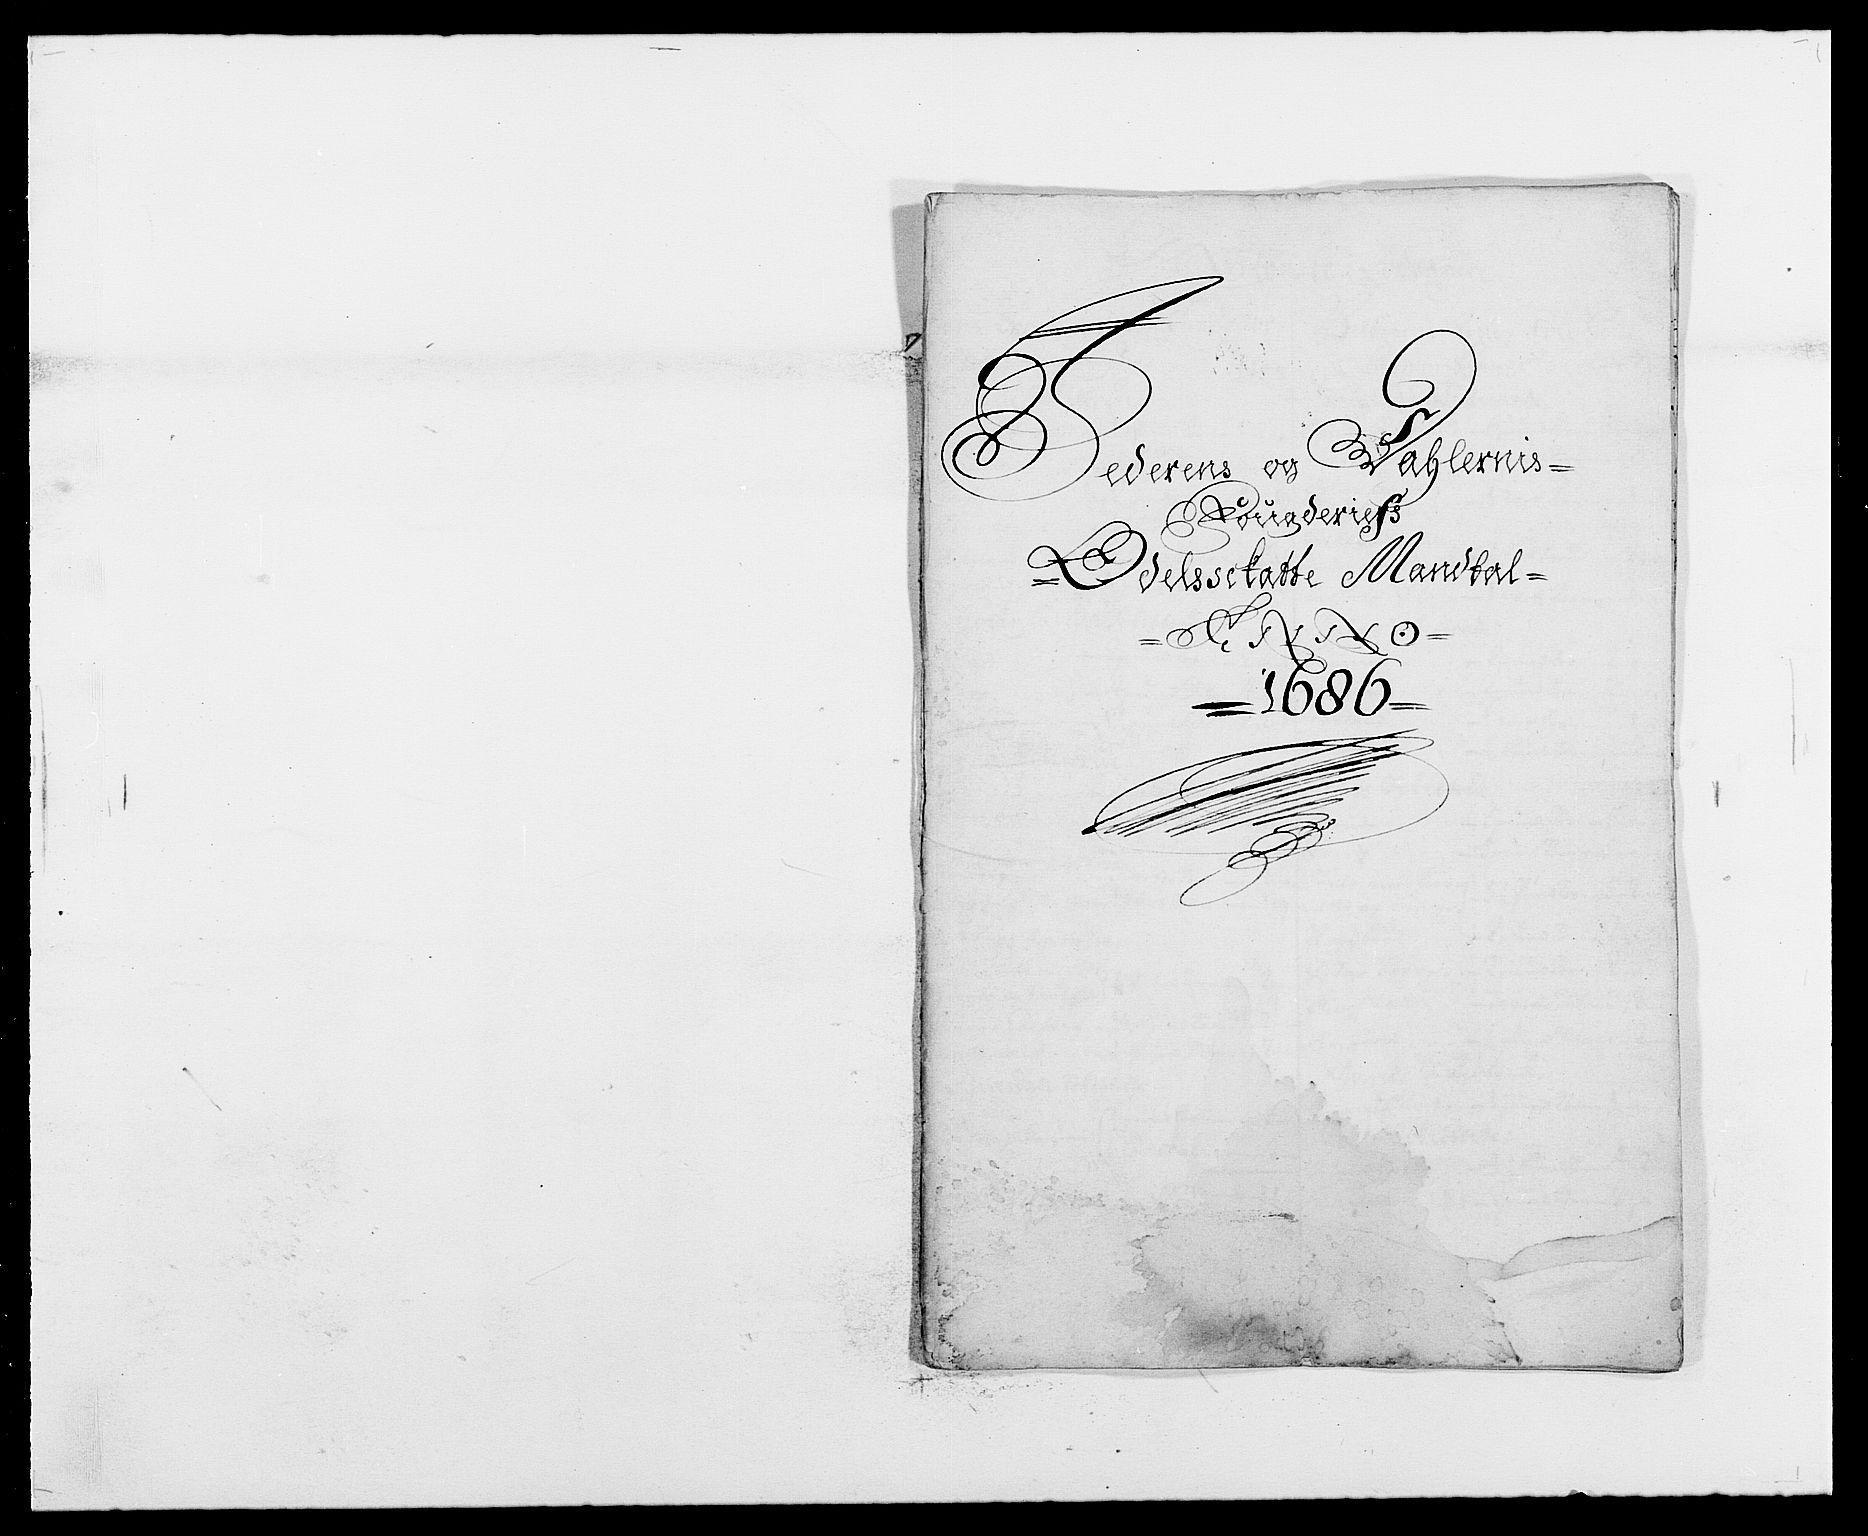 RA, Rentekammeret inntil 1814, Reviderte regnskaper, Fogderegnskap, R46/L2726: Fogderegnskap Jæren og Dalane, 1686-1689, s. 8